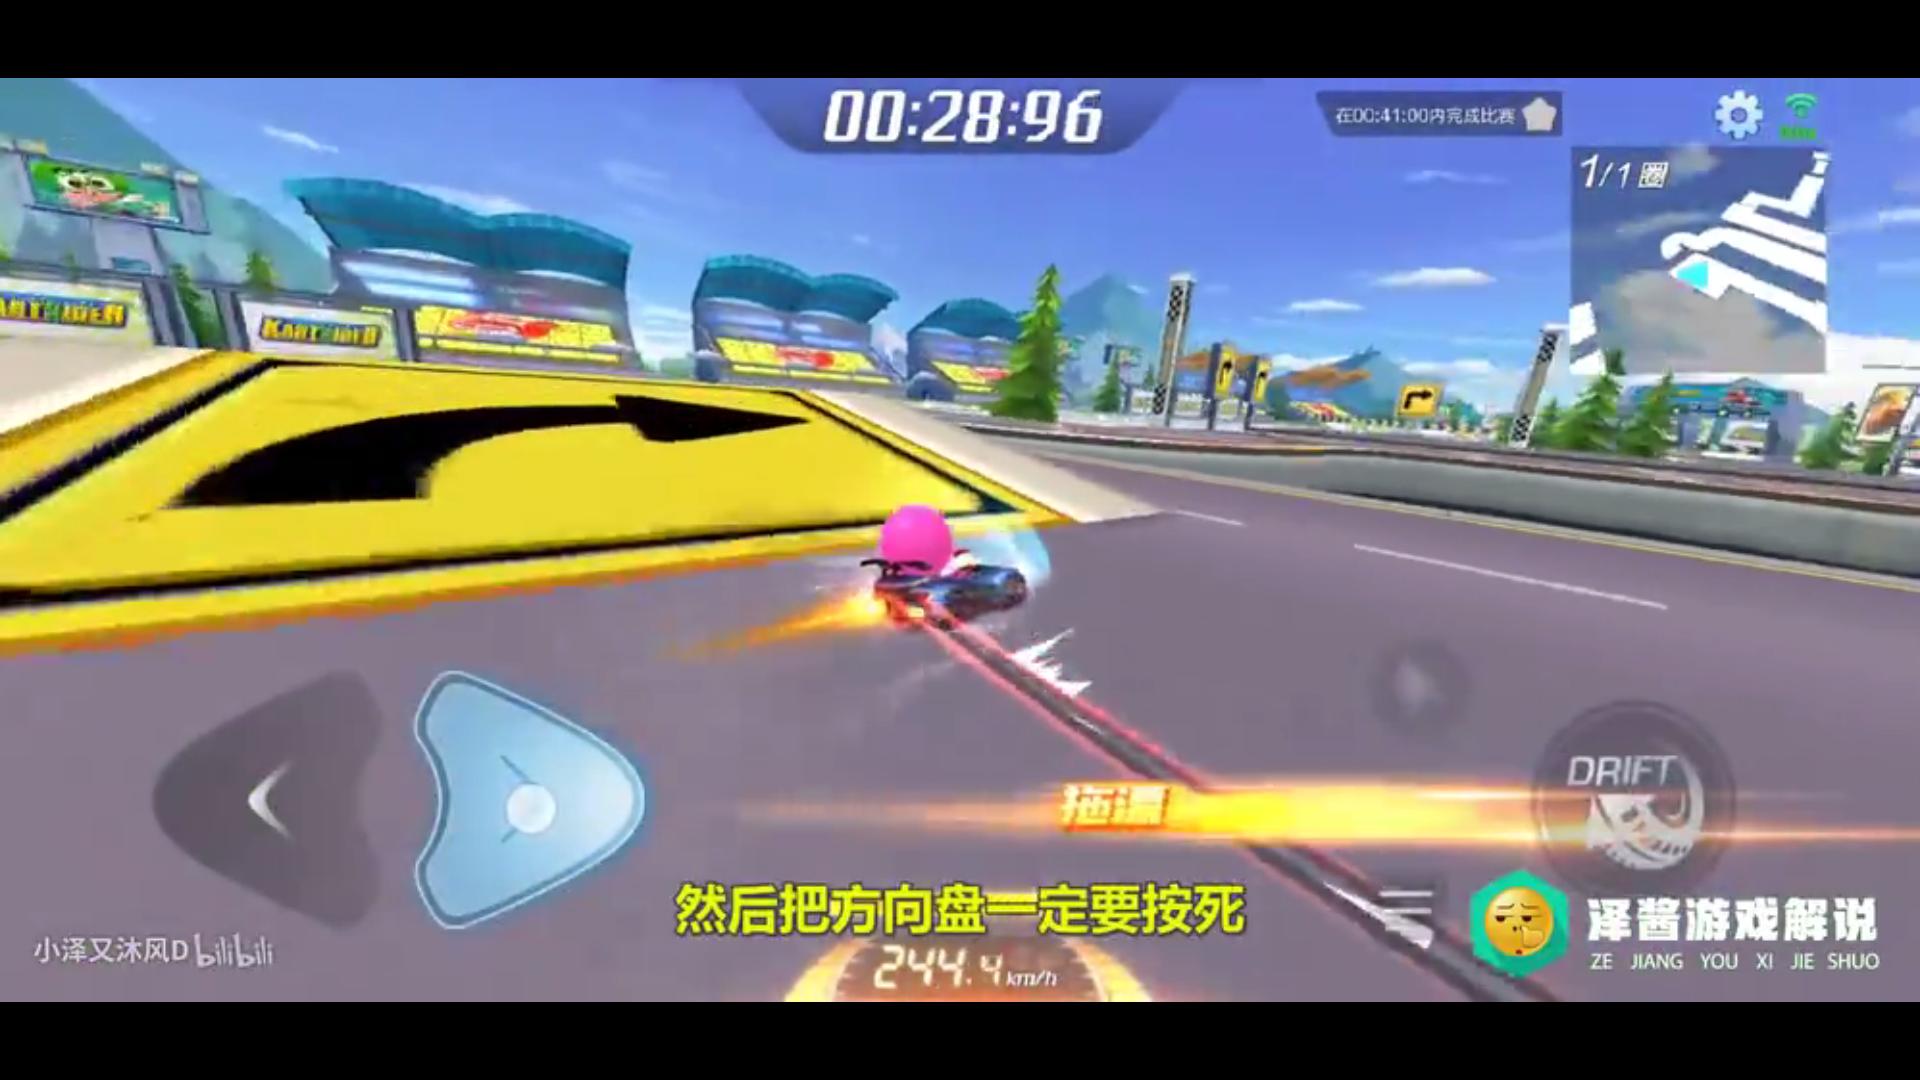 跑跑卡丁车手游史上最简单L1驾照考试平衡驾驶通关攻略